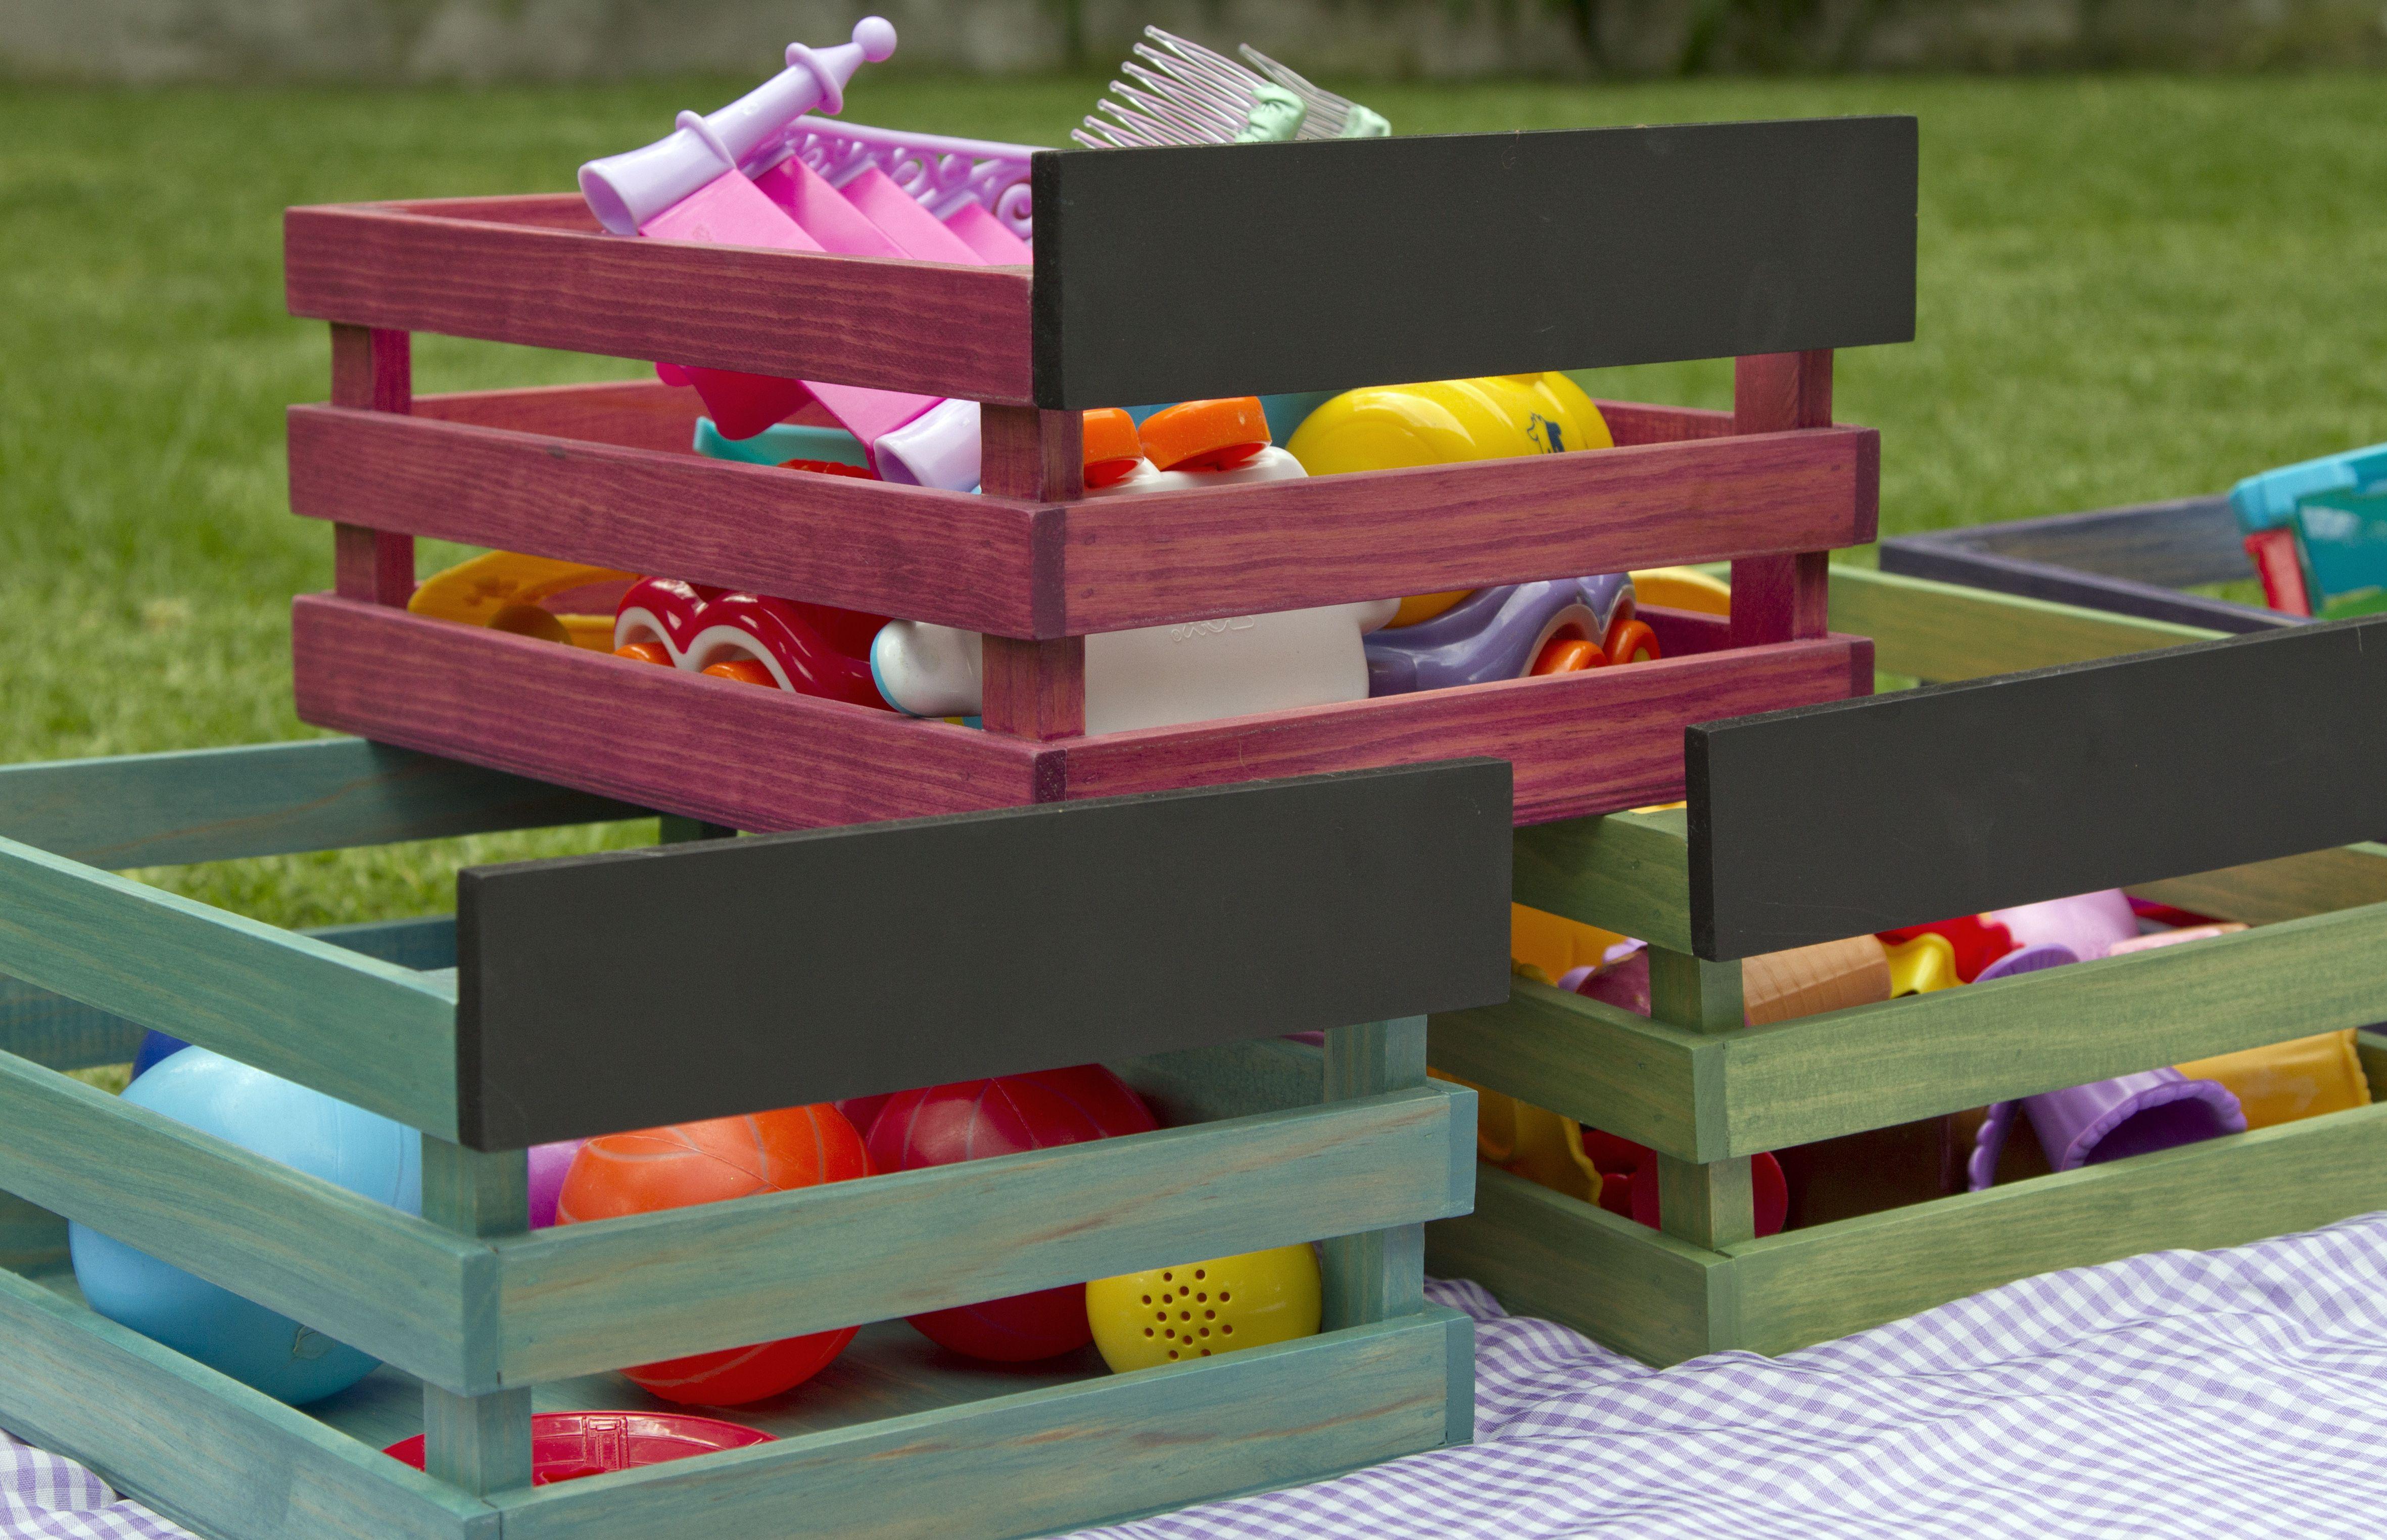 Cajas de madera huacales de colores para guardar - Cajas de madera para guardar juguetes ...